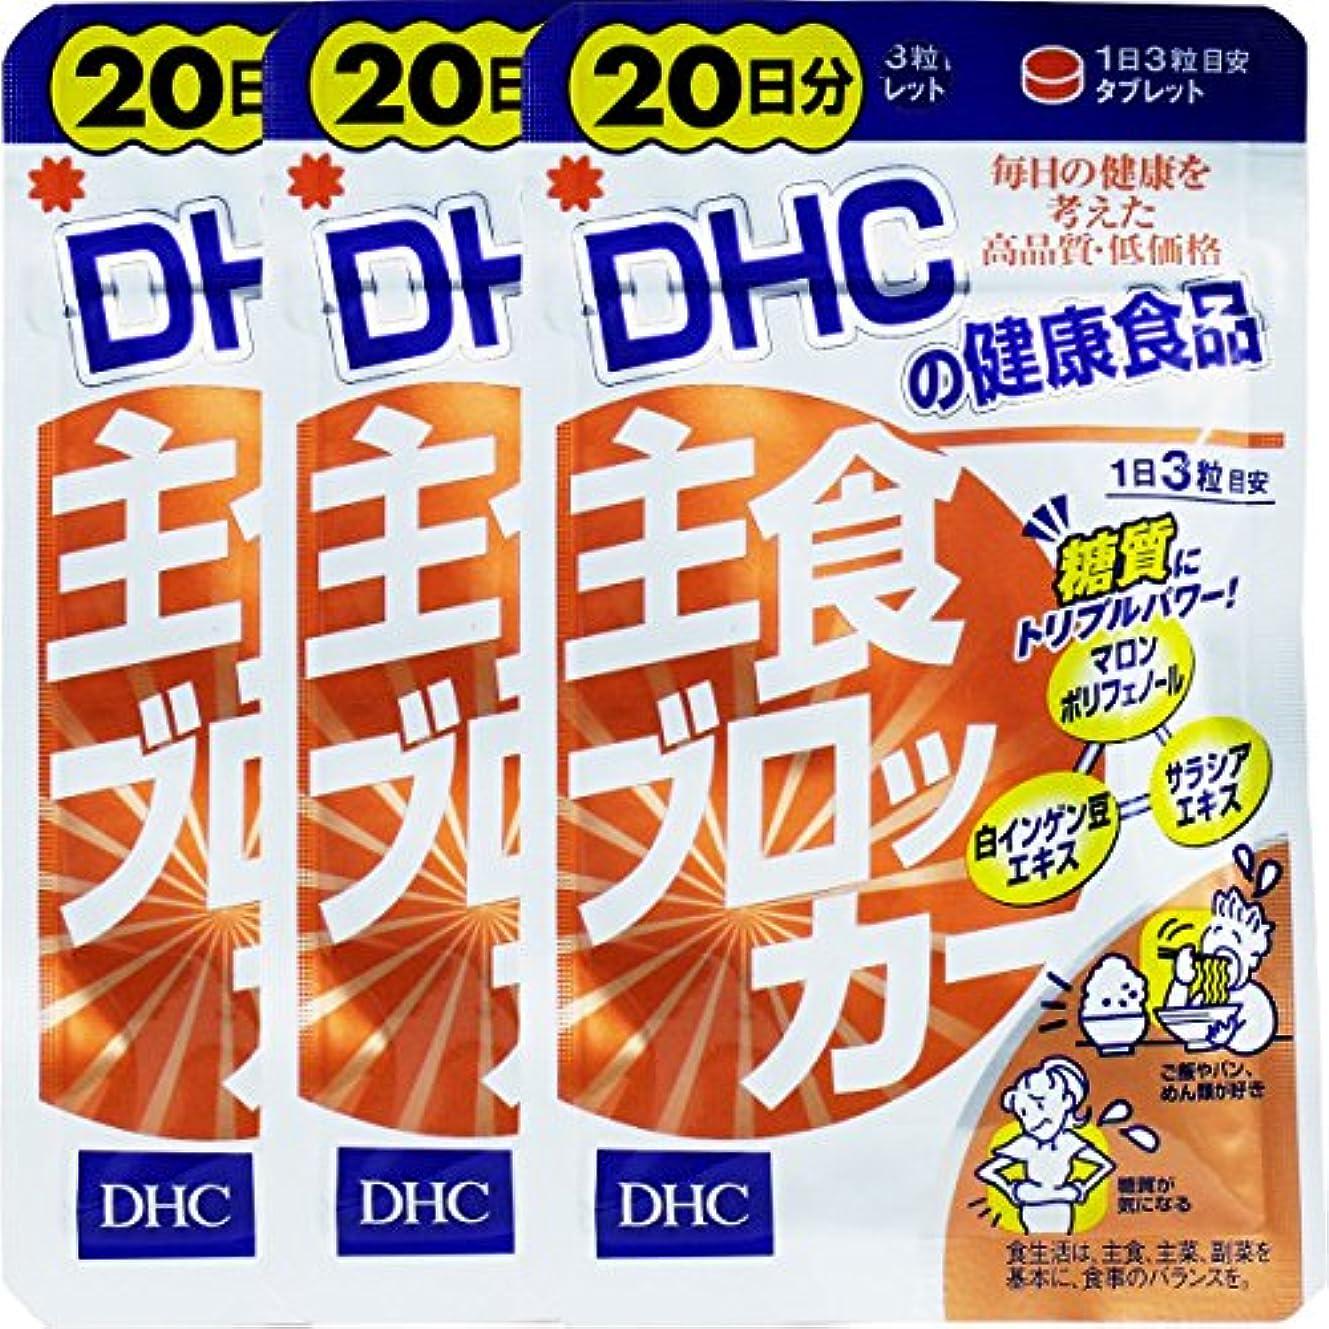 アコー軍新着DHC 主食ブロッカー 20日分 60粒入×3個